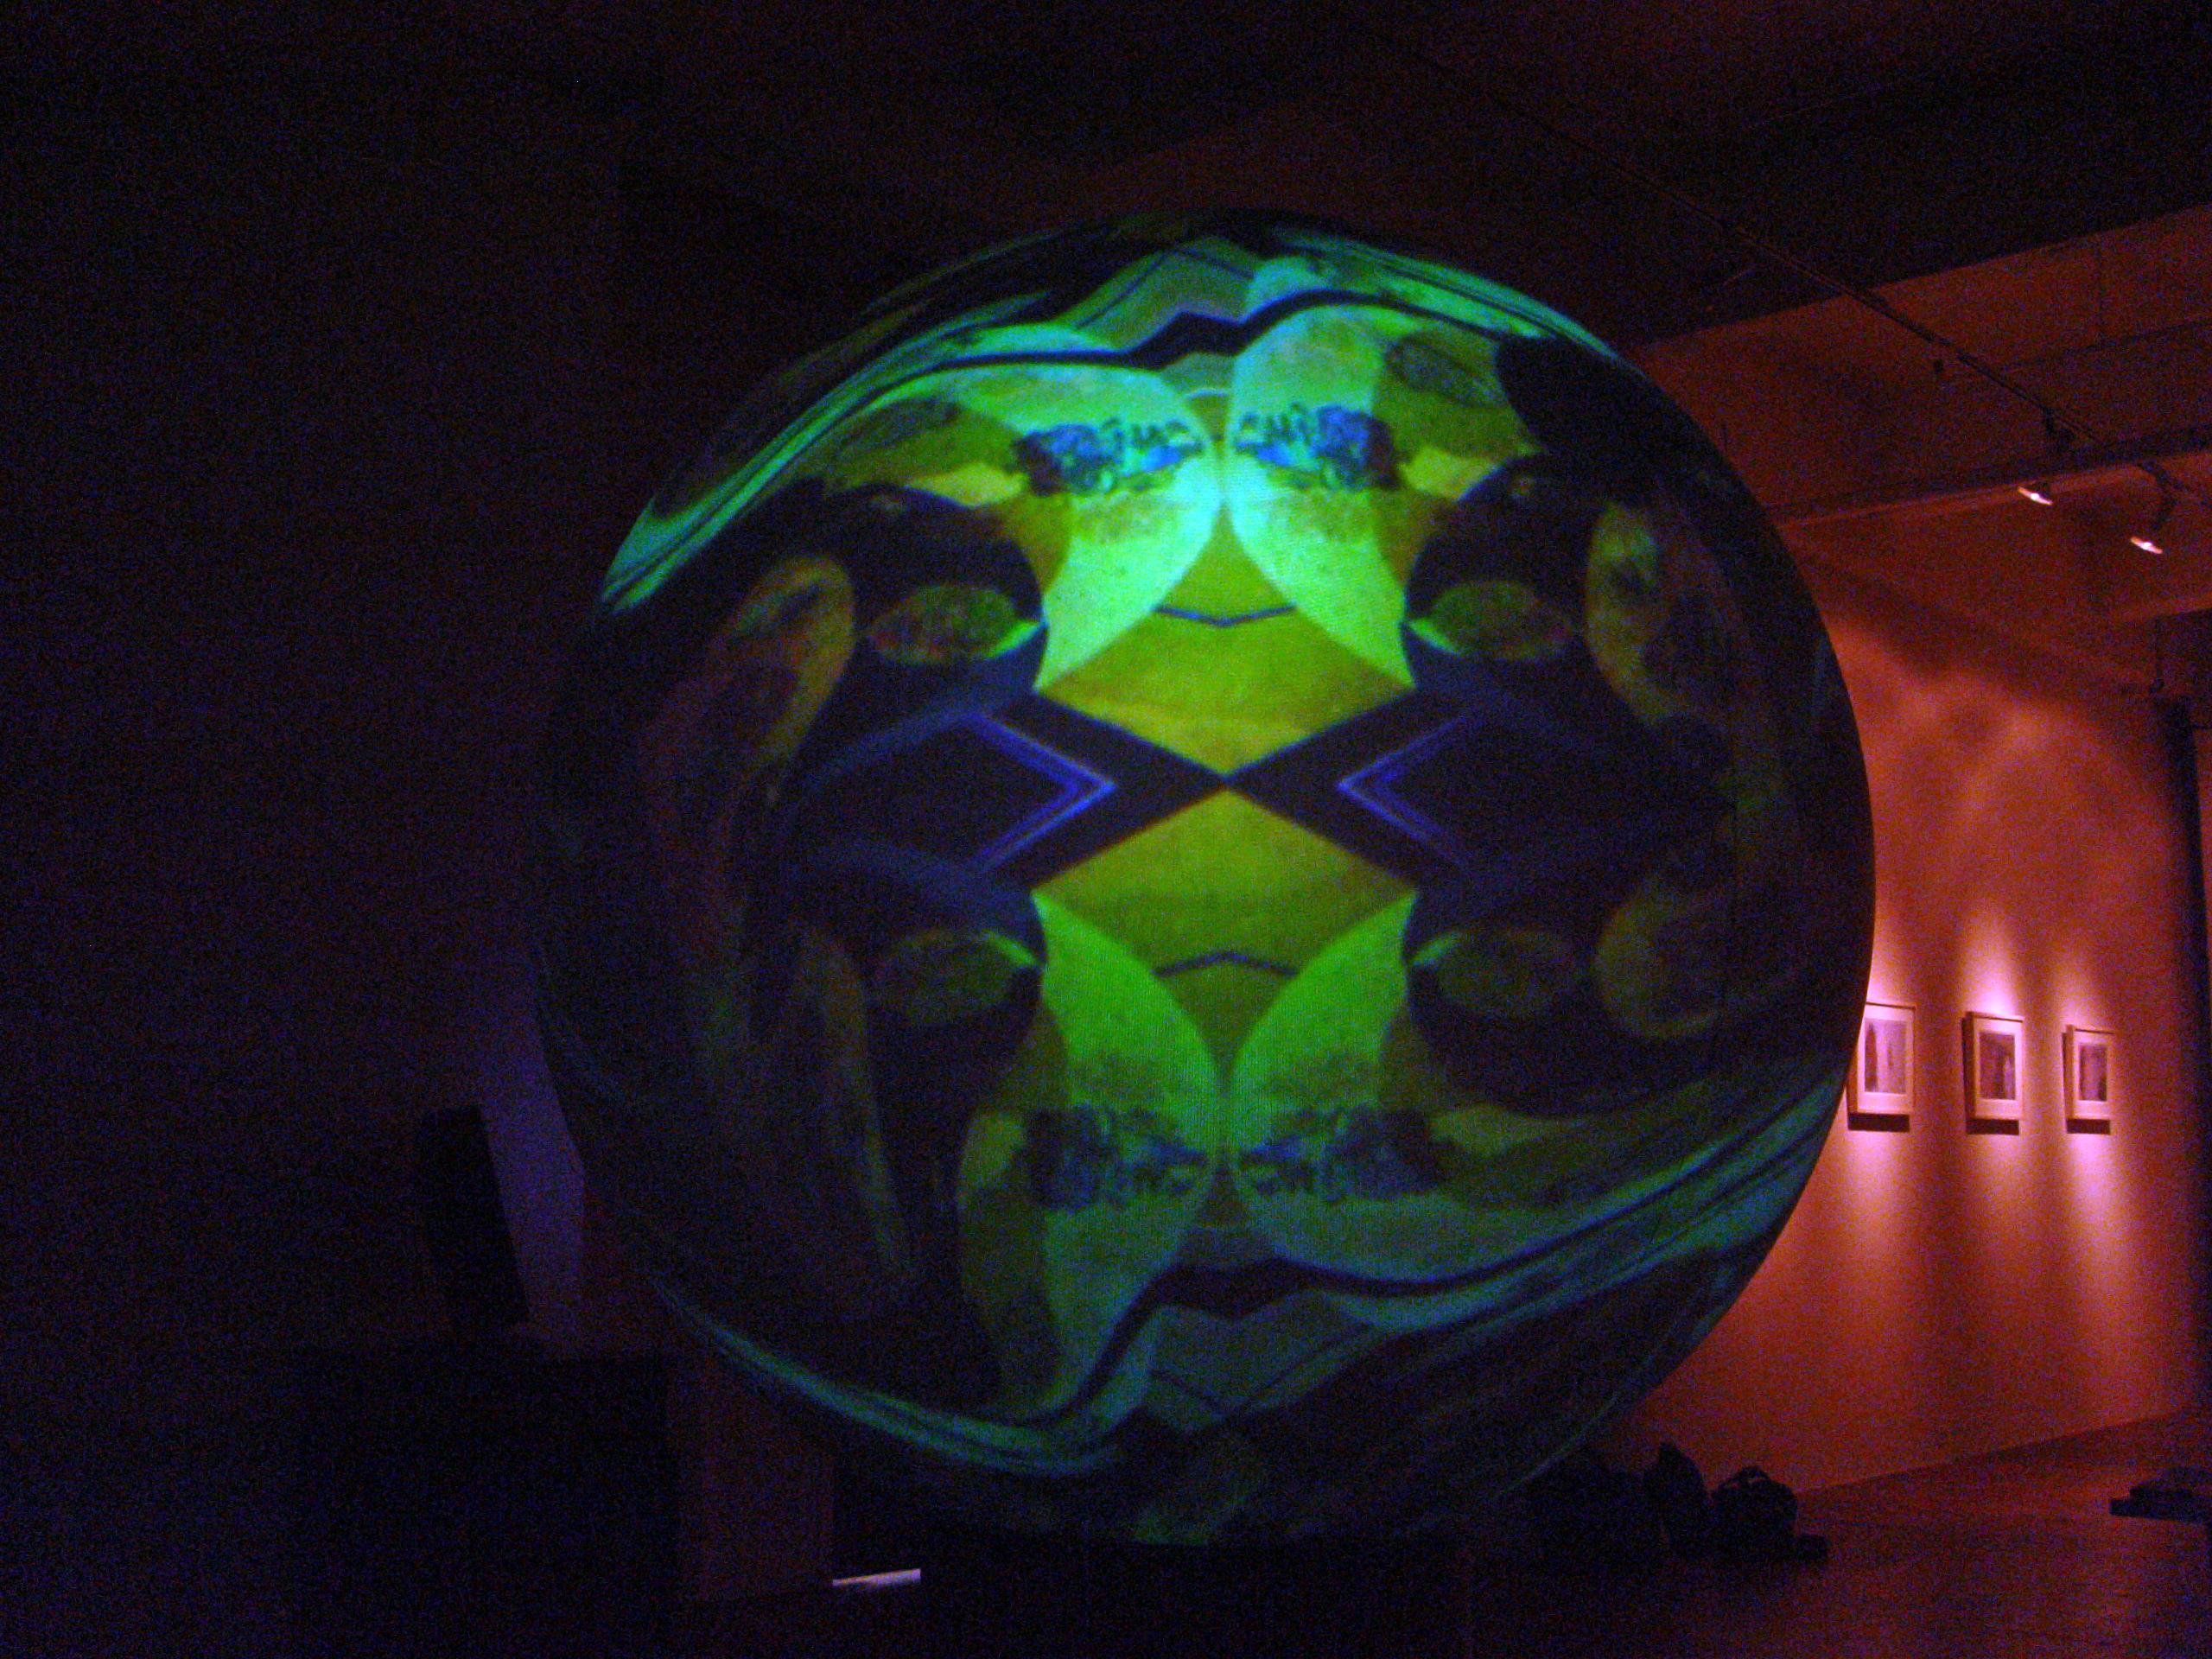 OmniGlobe @ A.I.R. Gallery